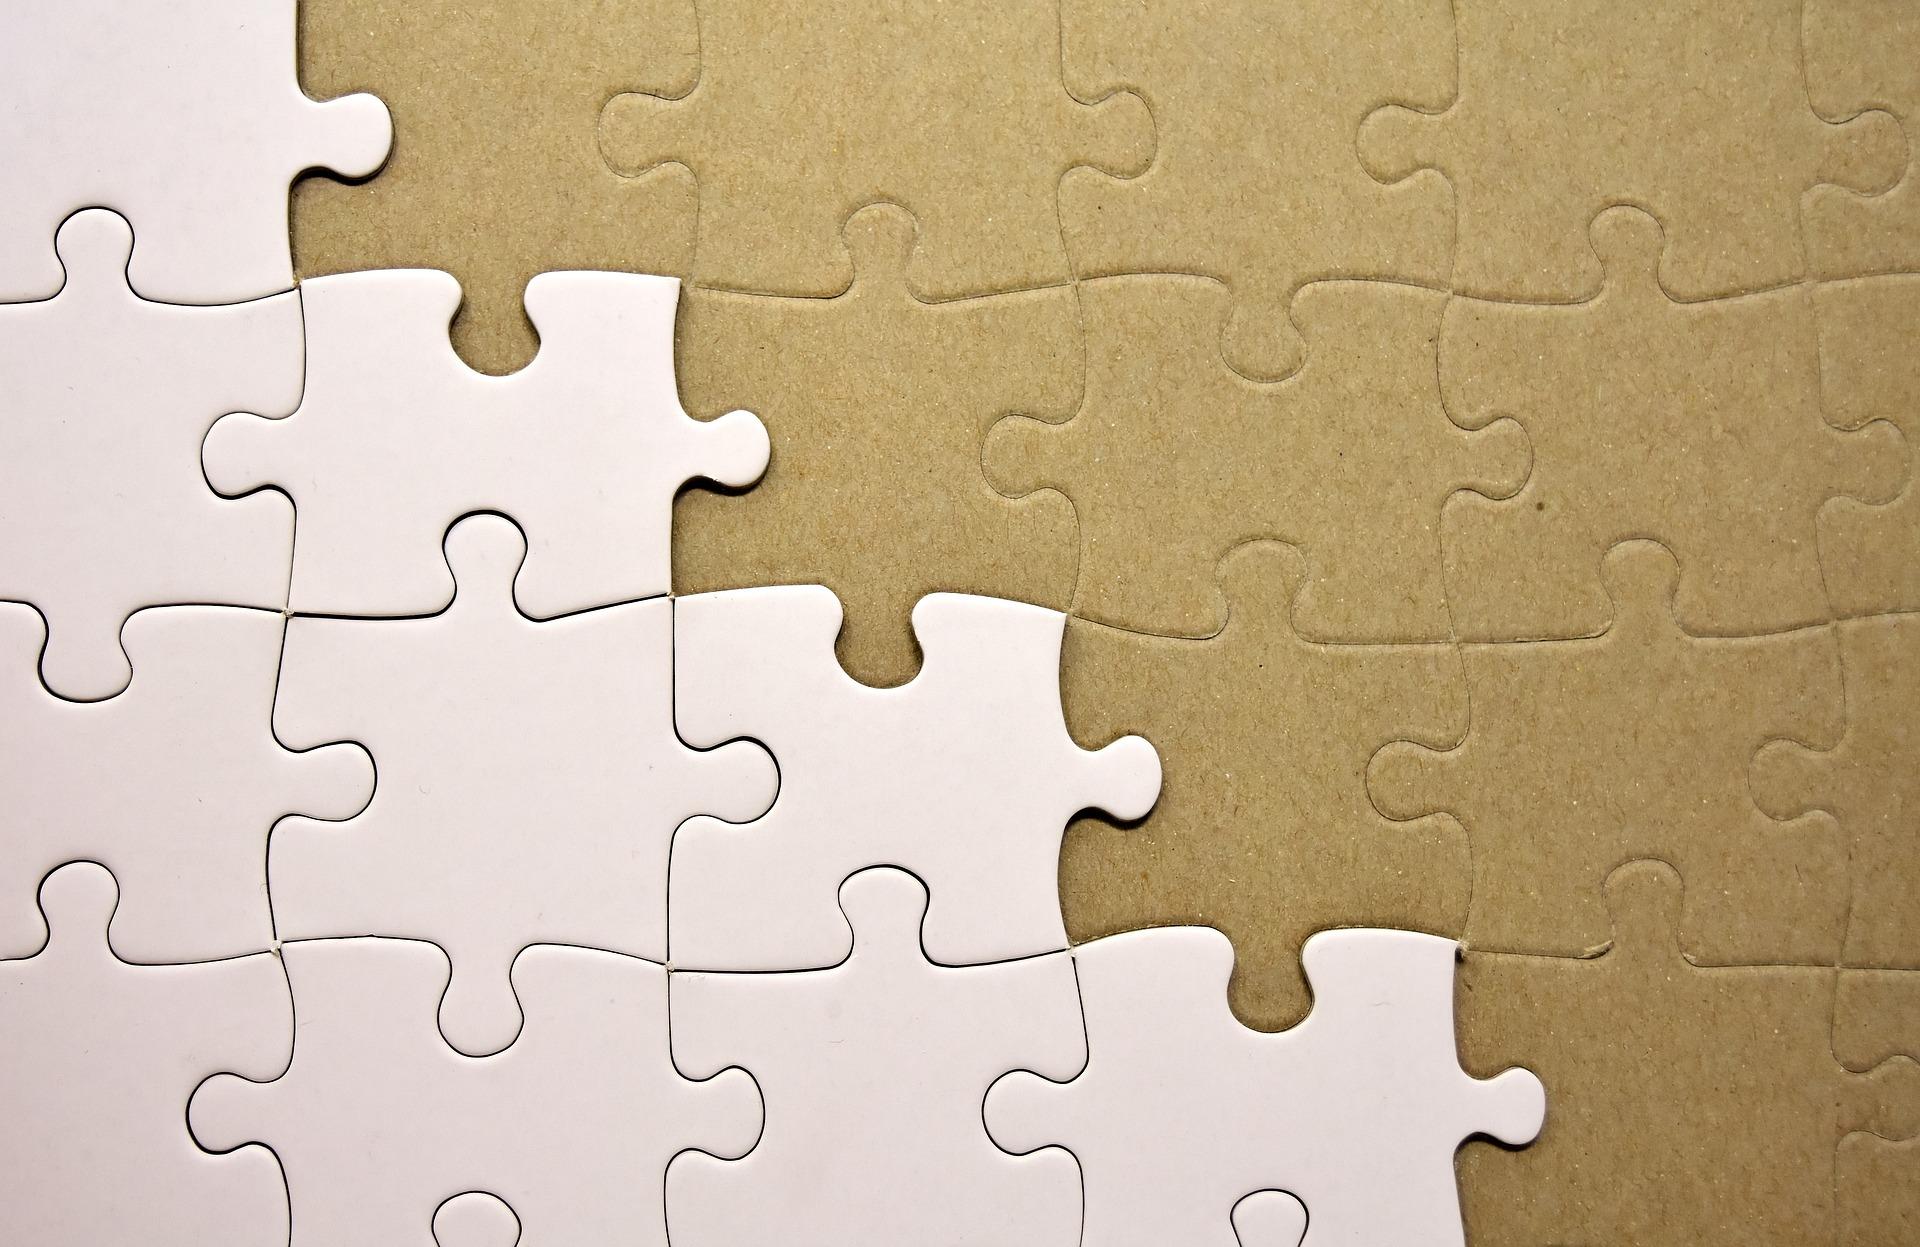 puzzle-3223740_1920